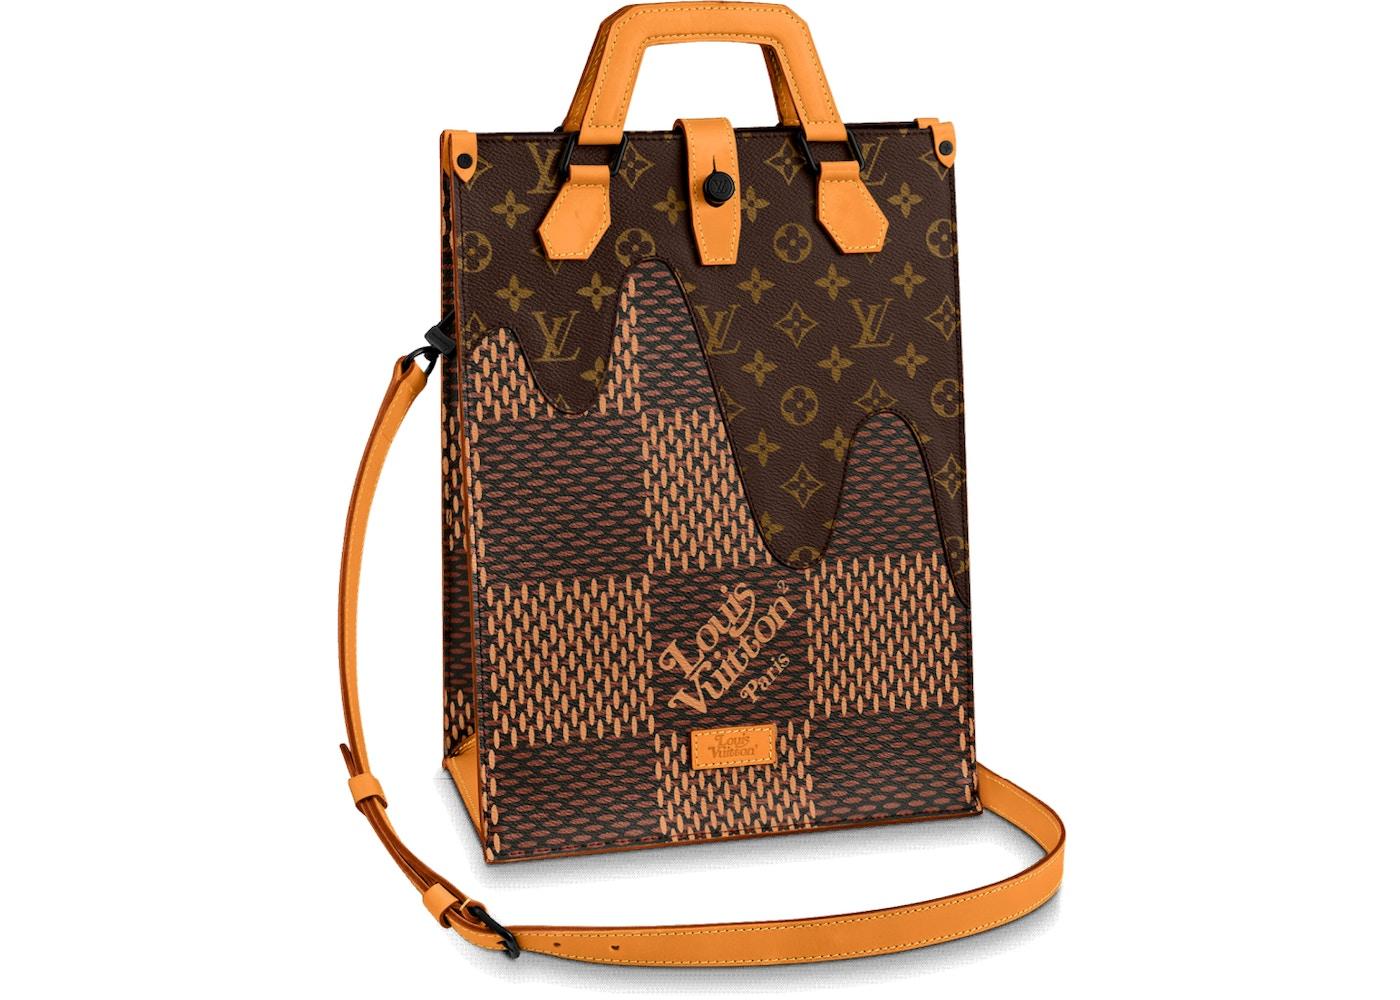 Louis Vuitton x Nigo Tote Damier Ebene Giant Mini Brown